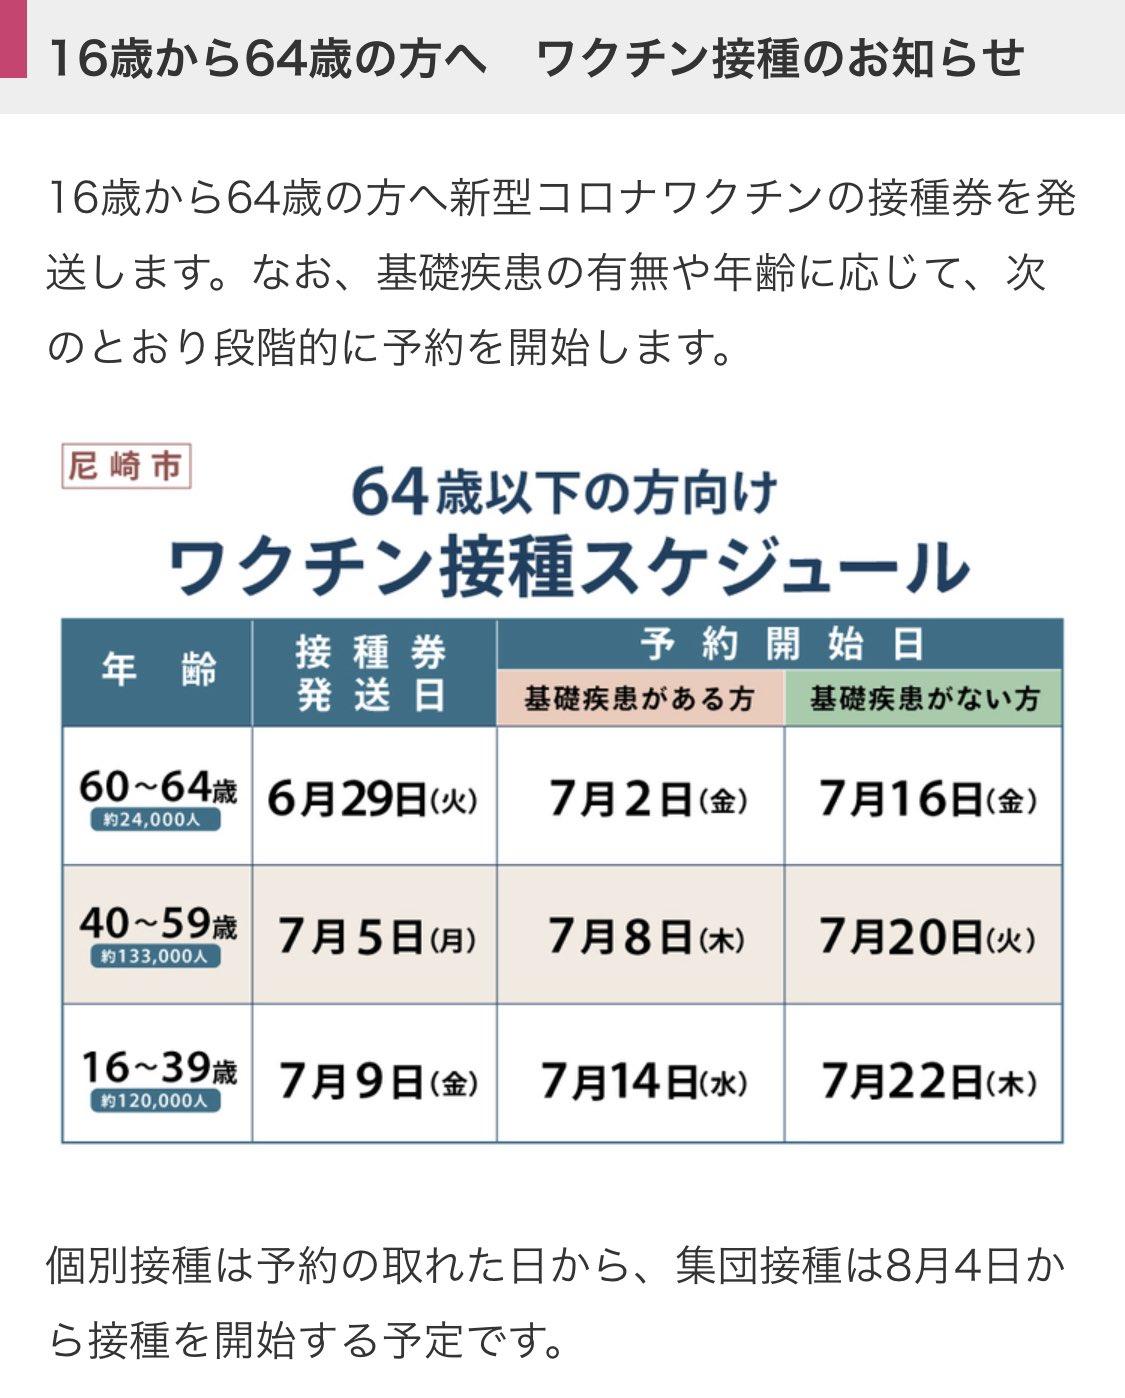 尼崎市の64歳以下のワクチン接種